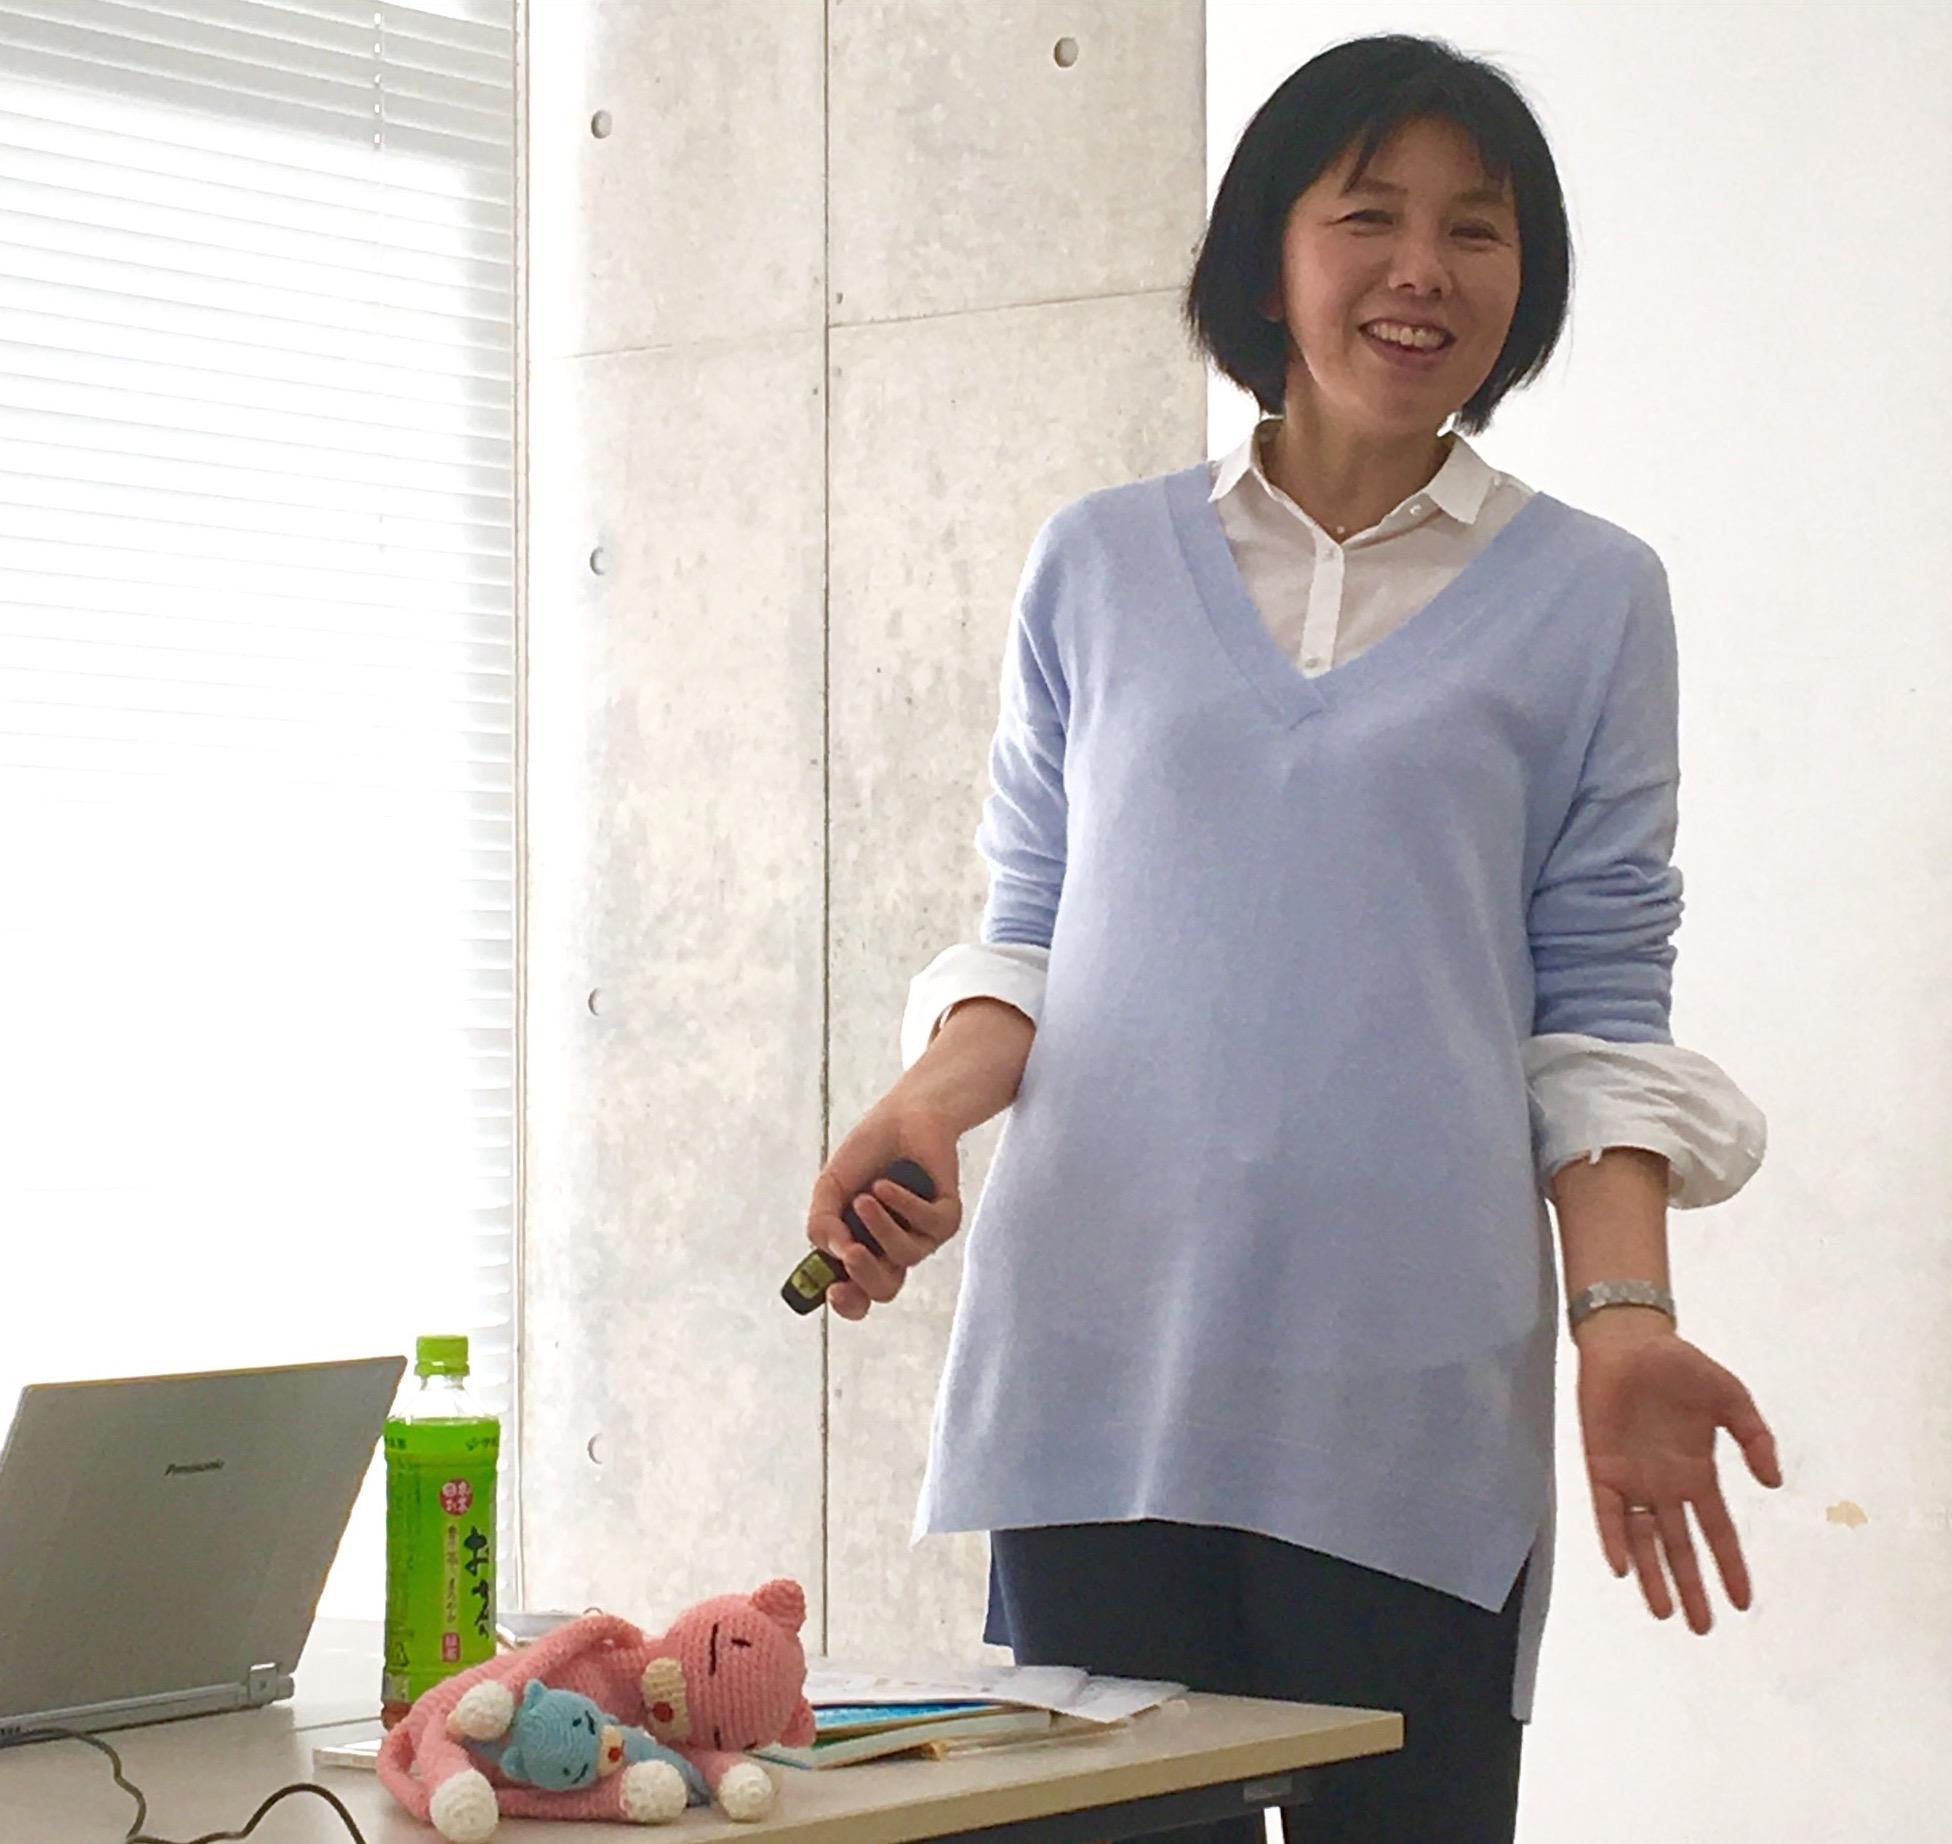 棒田さんの子育て・孫育て講座はさすがプロの語り部でした